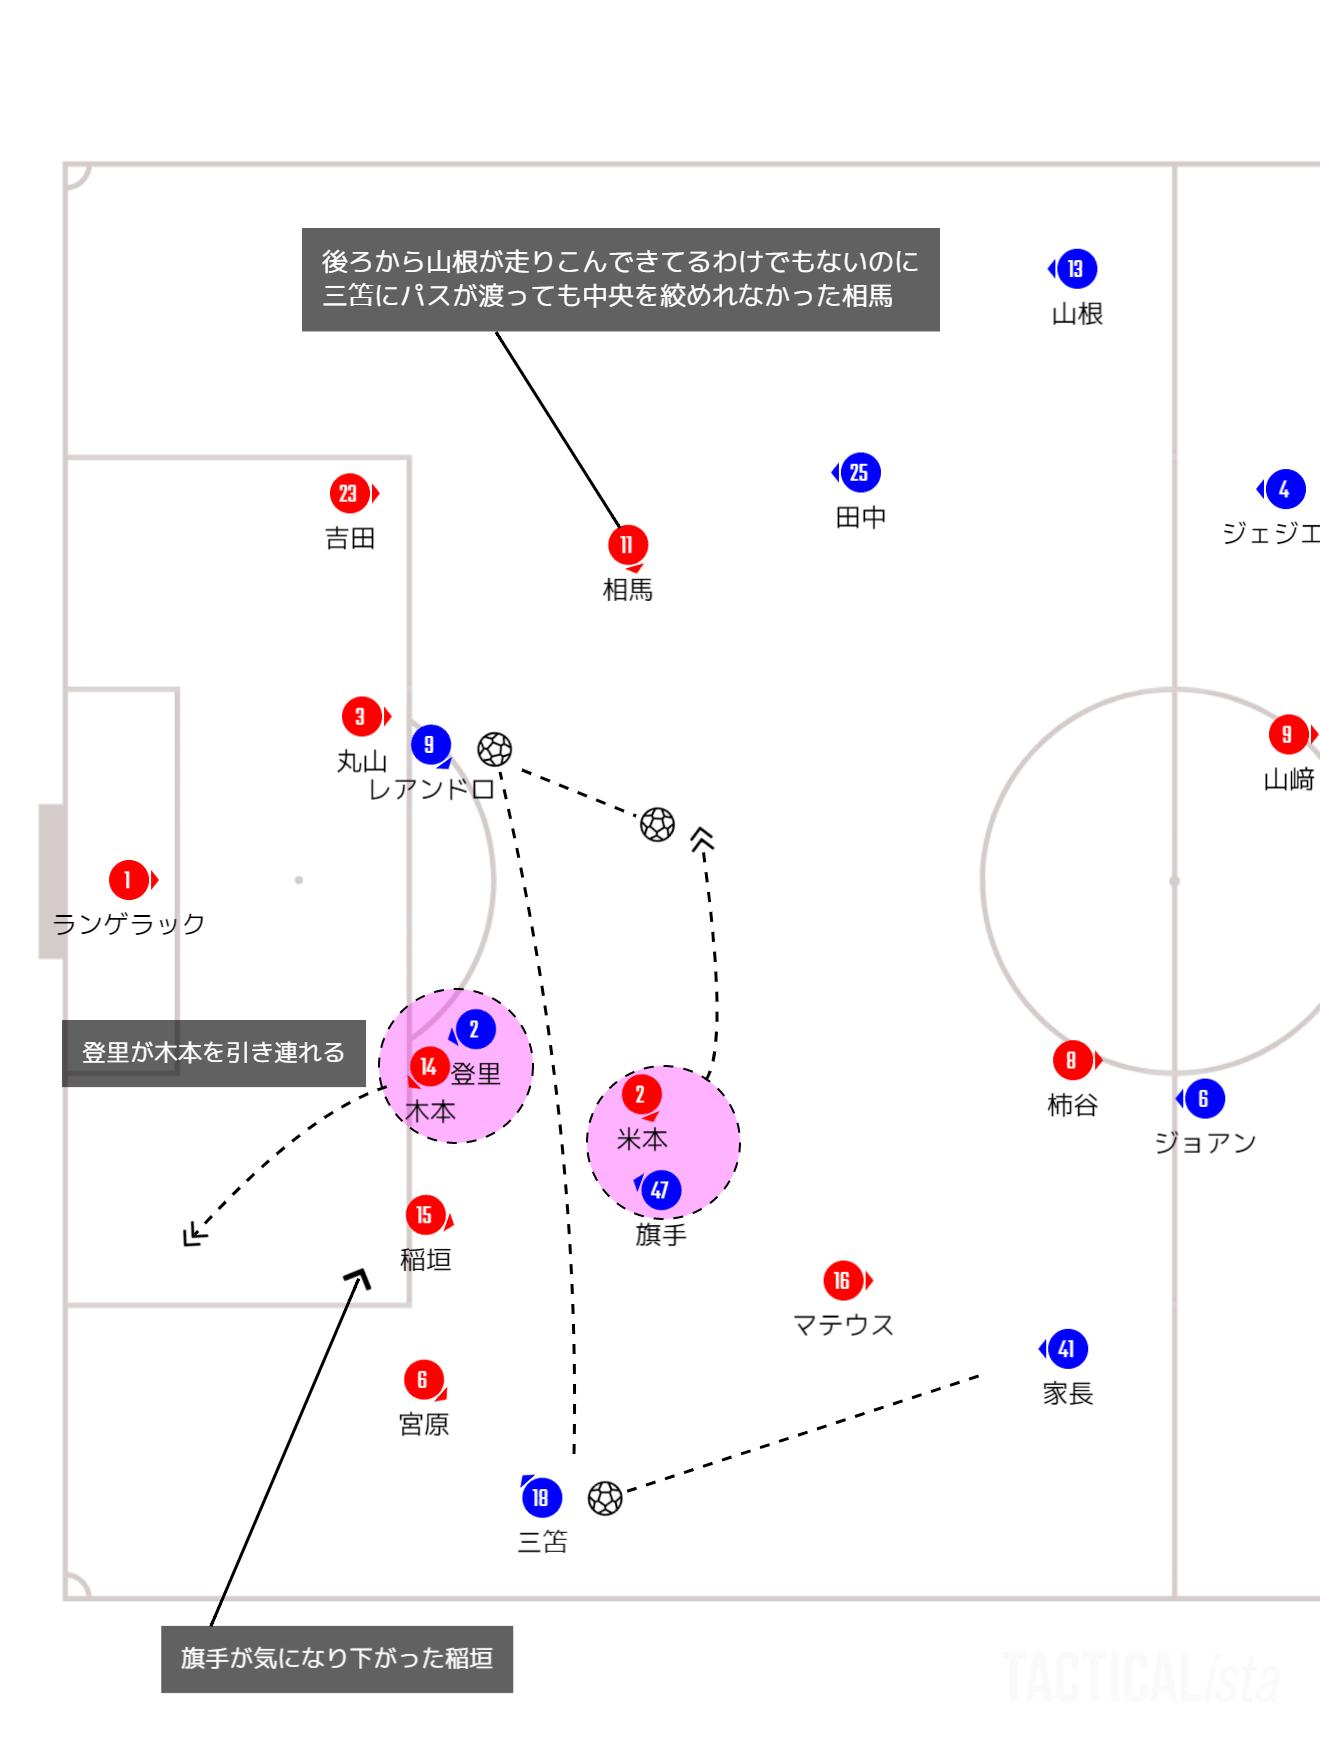 強者の練度 2021年J1リーグ第22節川崎フロンターレ戦レビュー